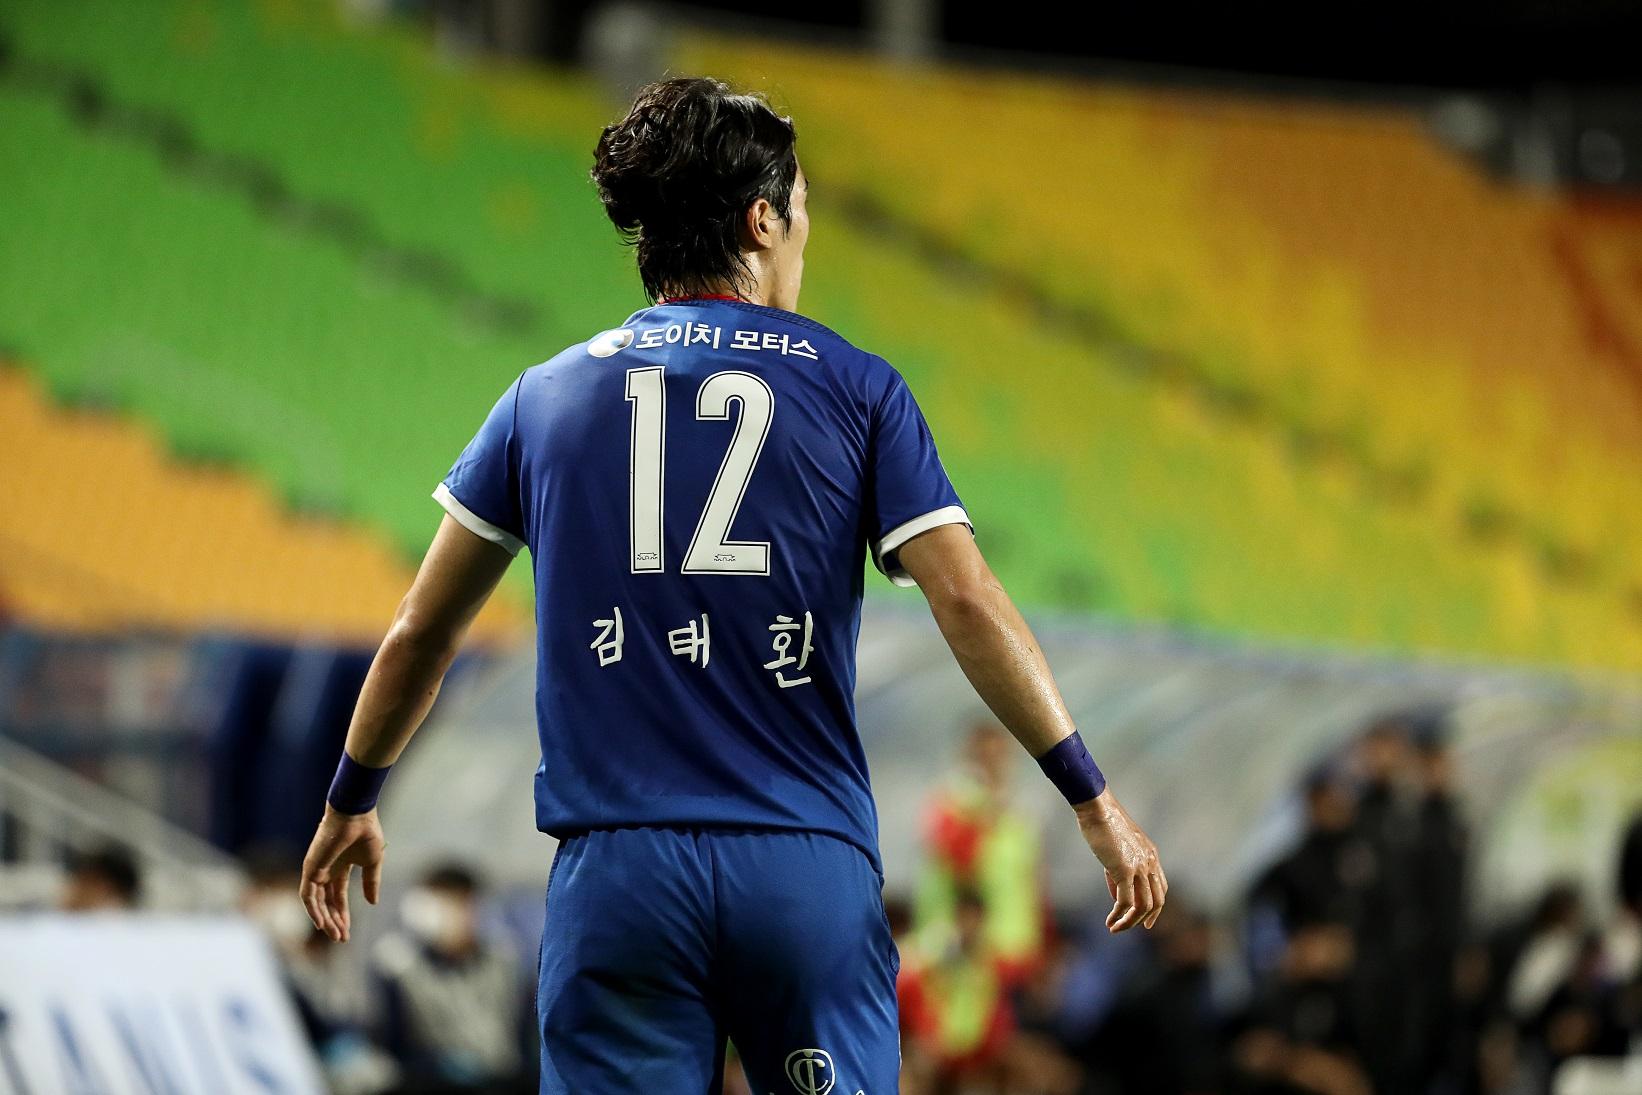 수원삼성블루윙즈 축구단이 치매어르신 손글씨로 쓰인 이름이 마킹된 유니폼을 입고 경기에 임했다